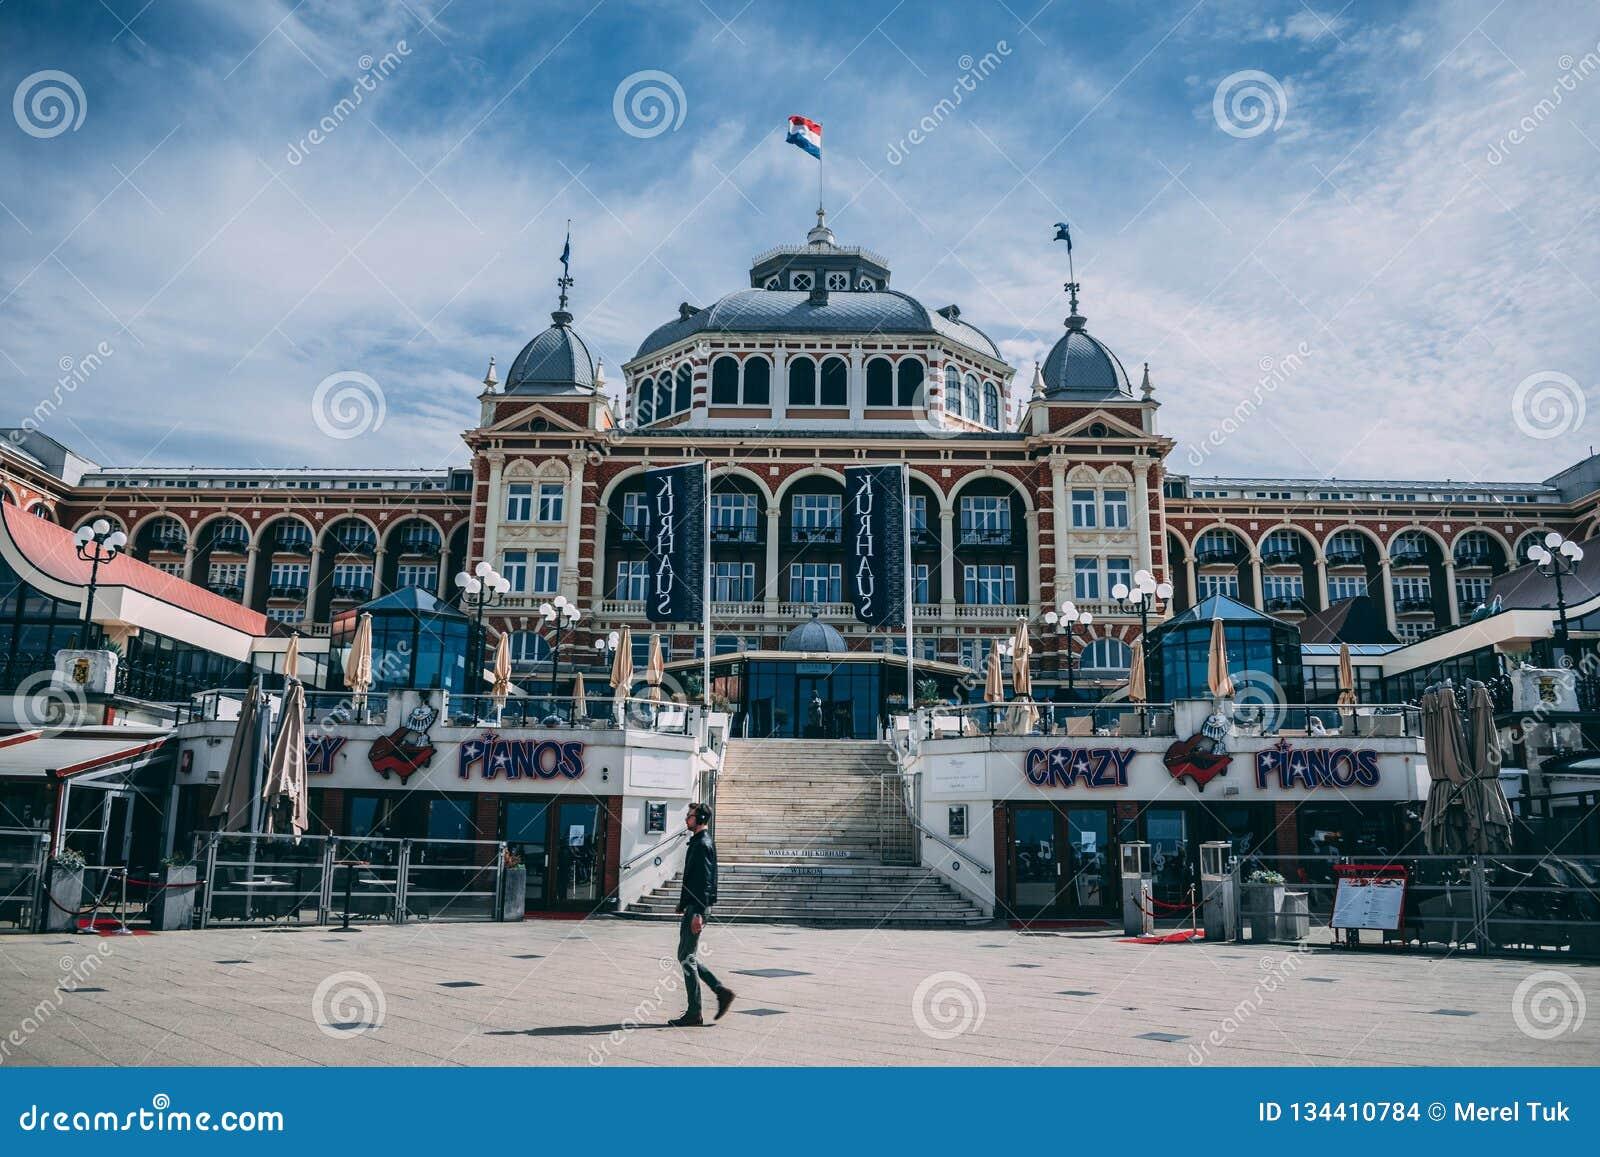 The pier of Scheveingen The Hague in The Netherlands